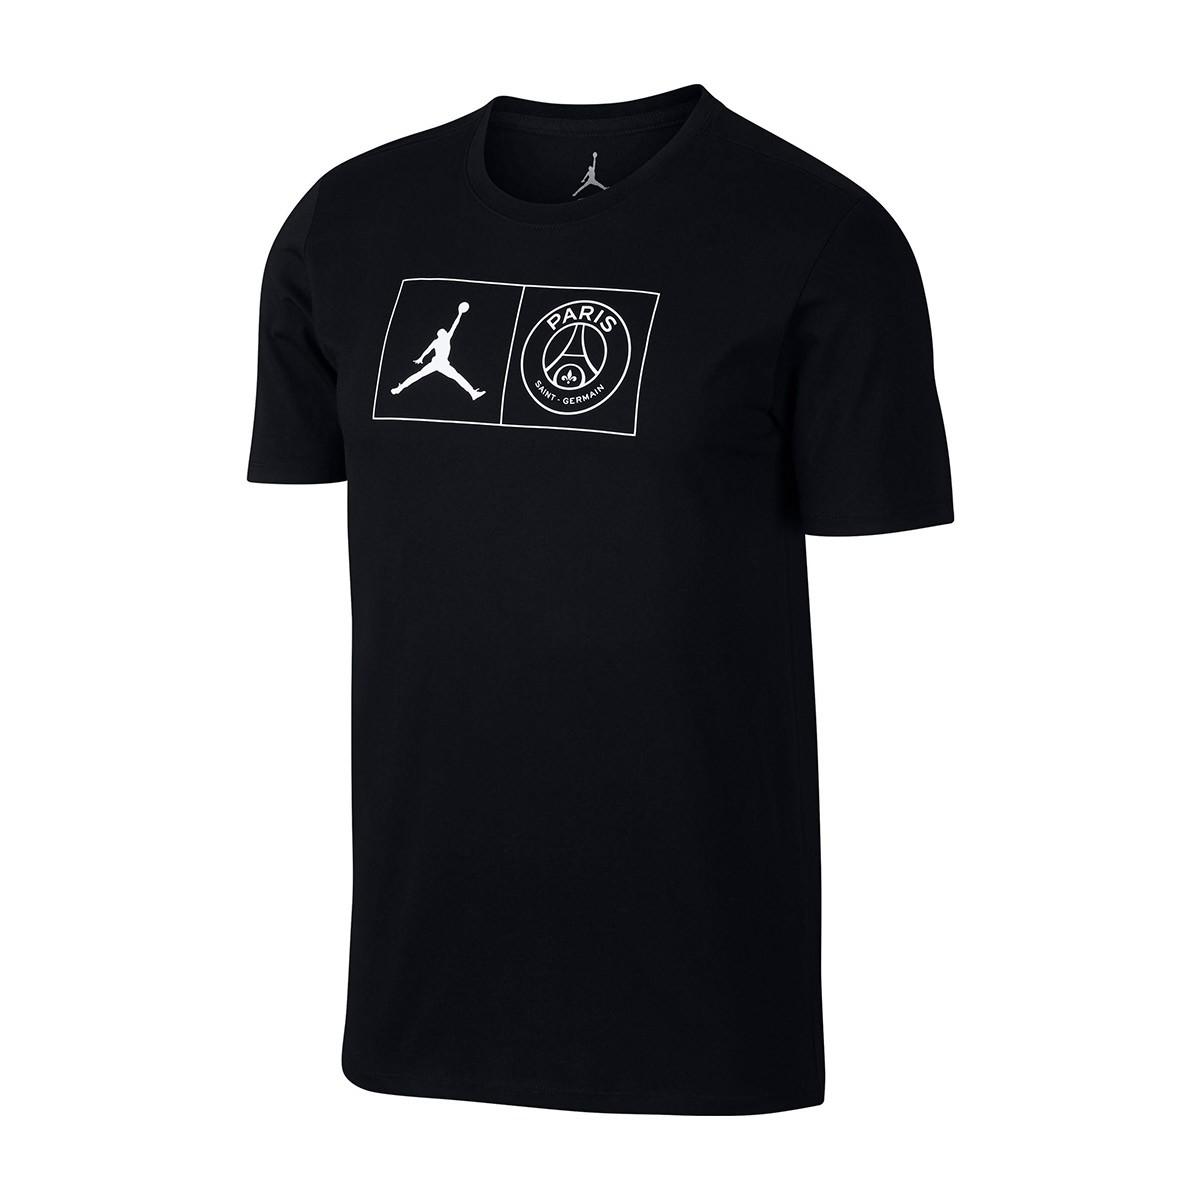 0562d8e9 Jersey Nike Jordan x PSG Jock Tag Black-White - Tienda de fútbol ...